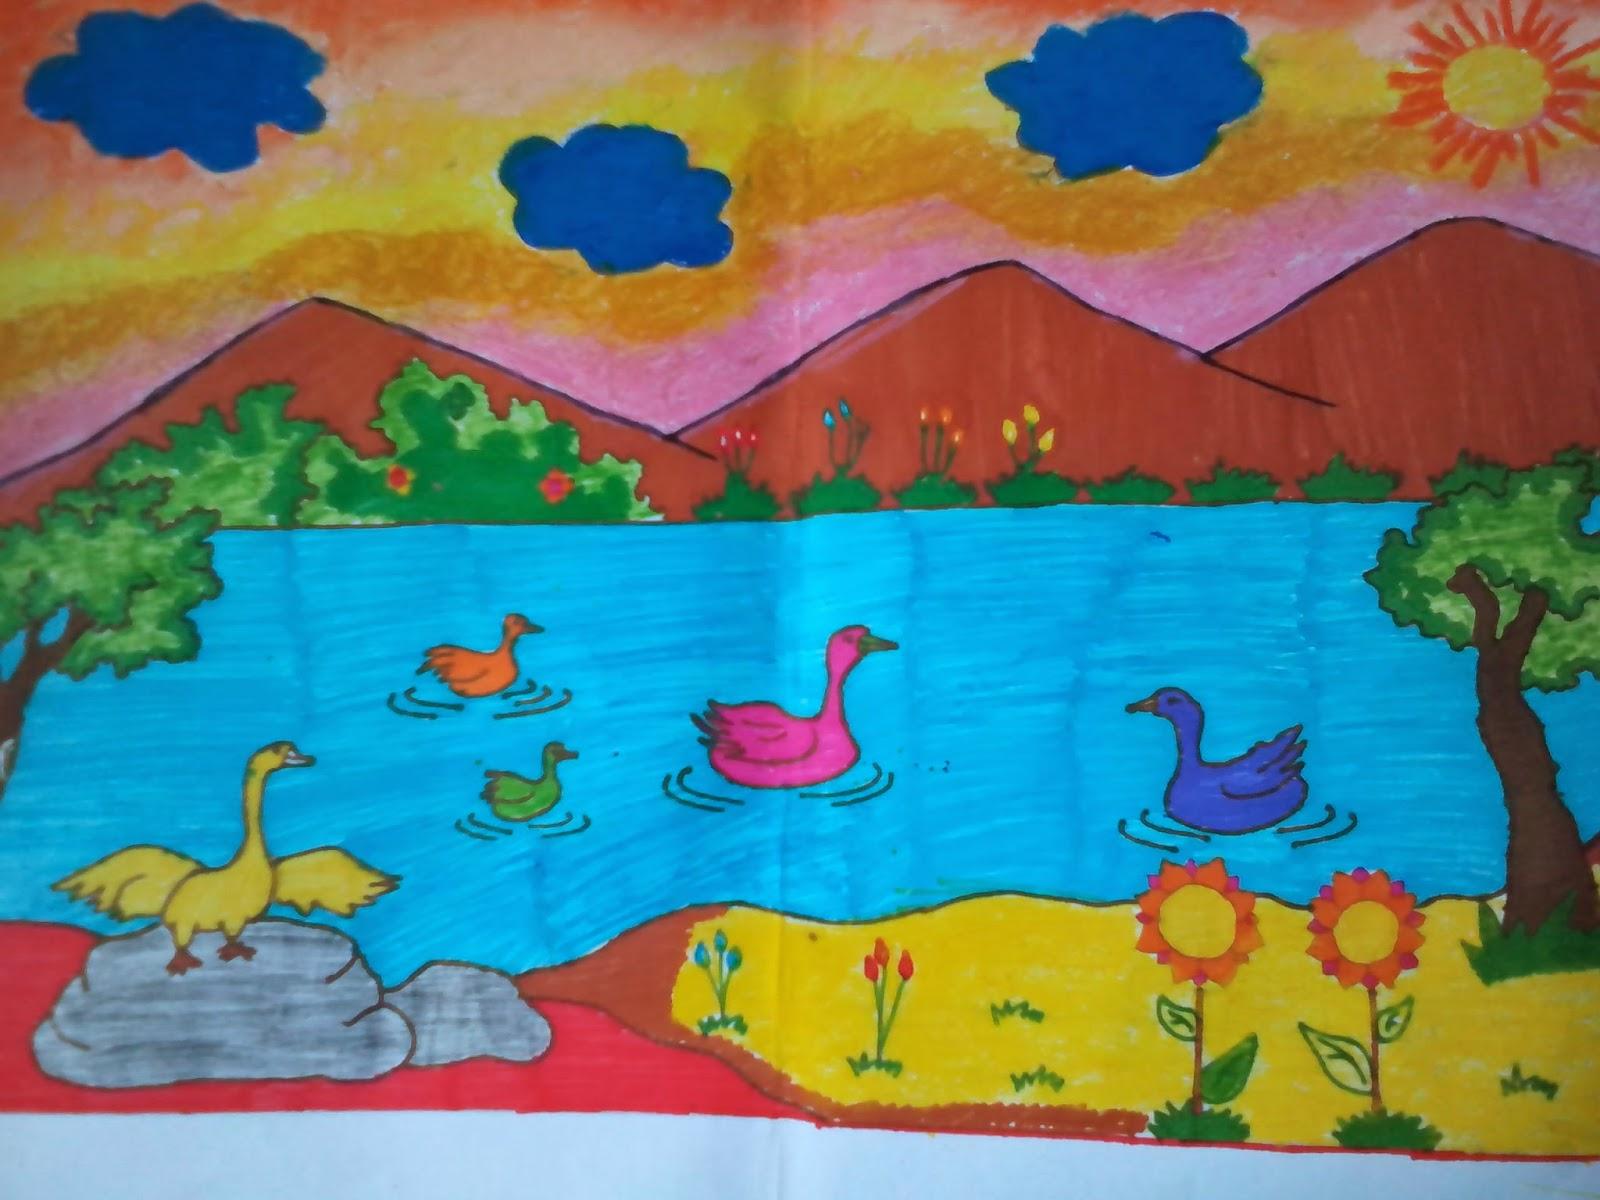 Online Buy Grosir Perahu Wallpaper China Gambar Pemandangan Alam Sederhana